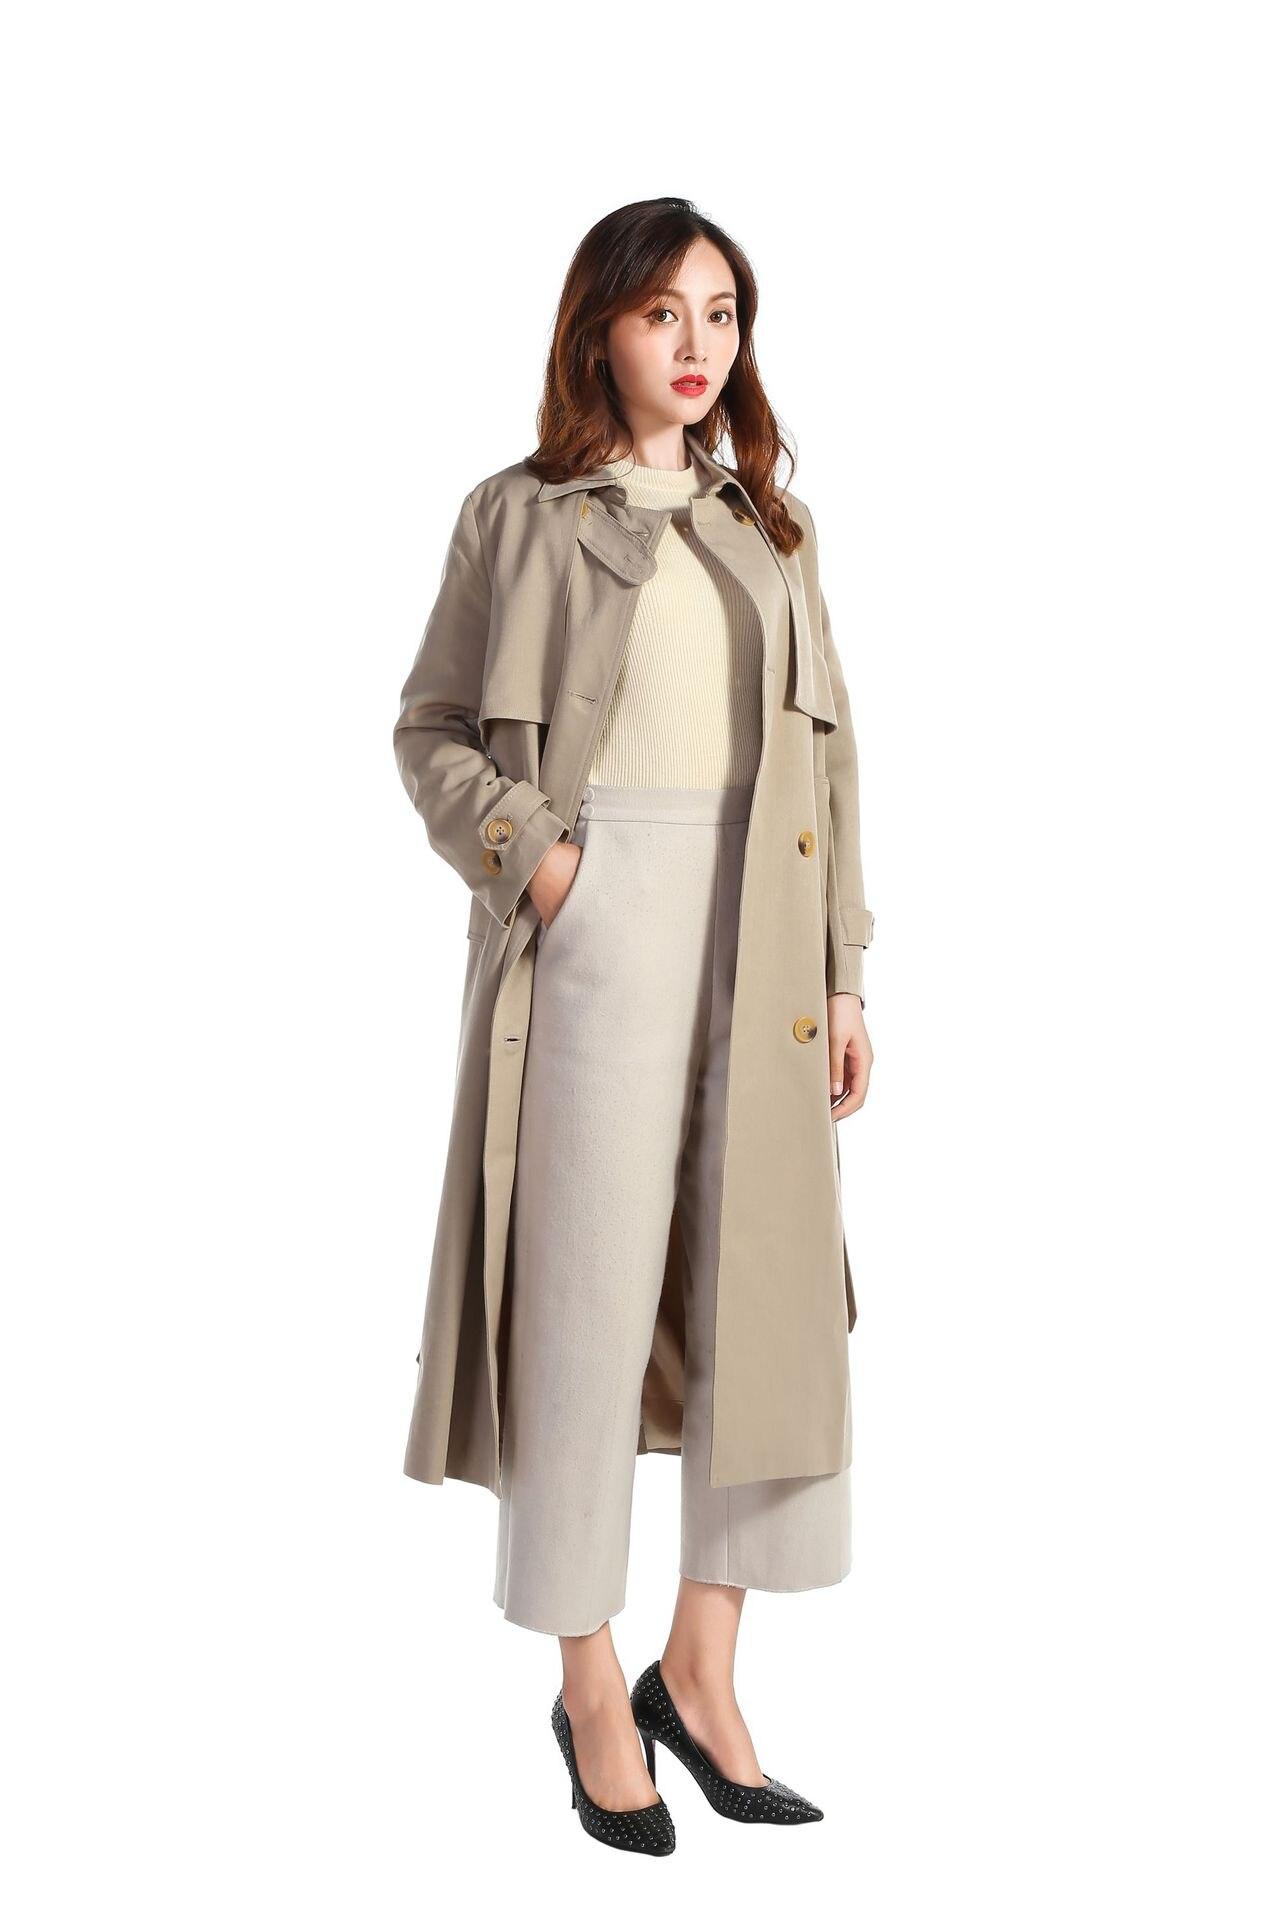 women's Windbreaker trench female clothing new autumn winter collar double row buckle women windbreaker long coat women